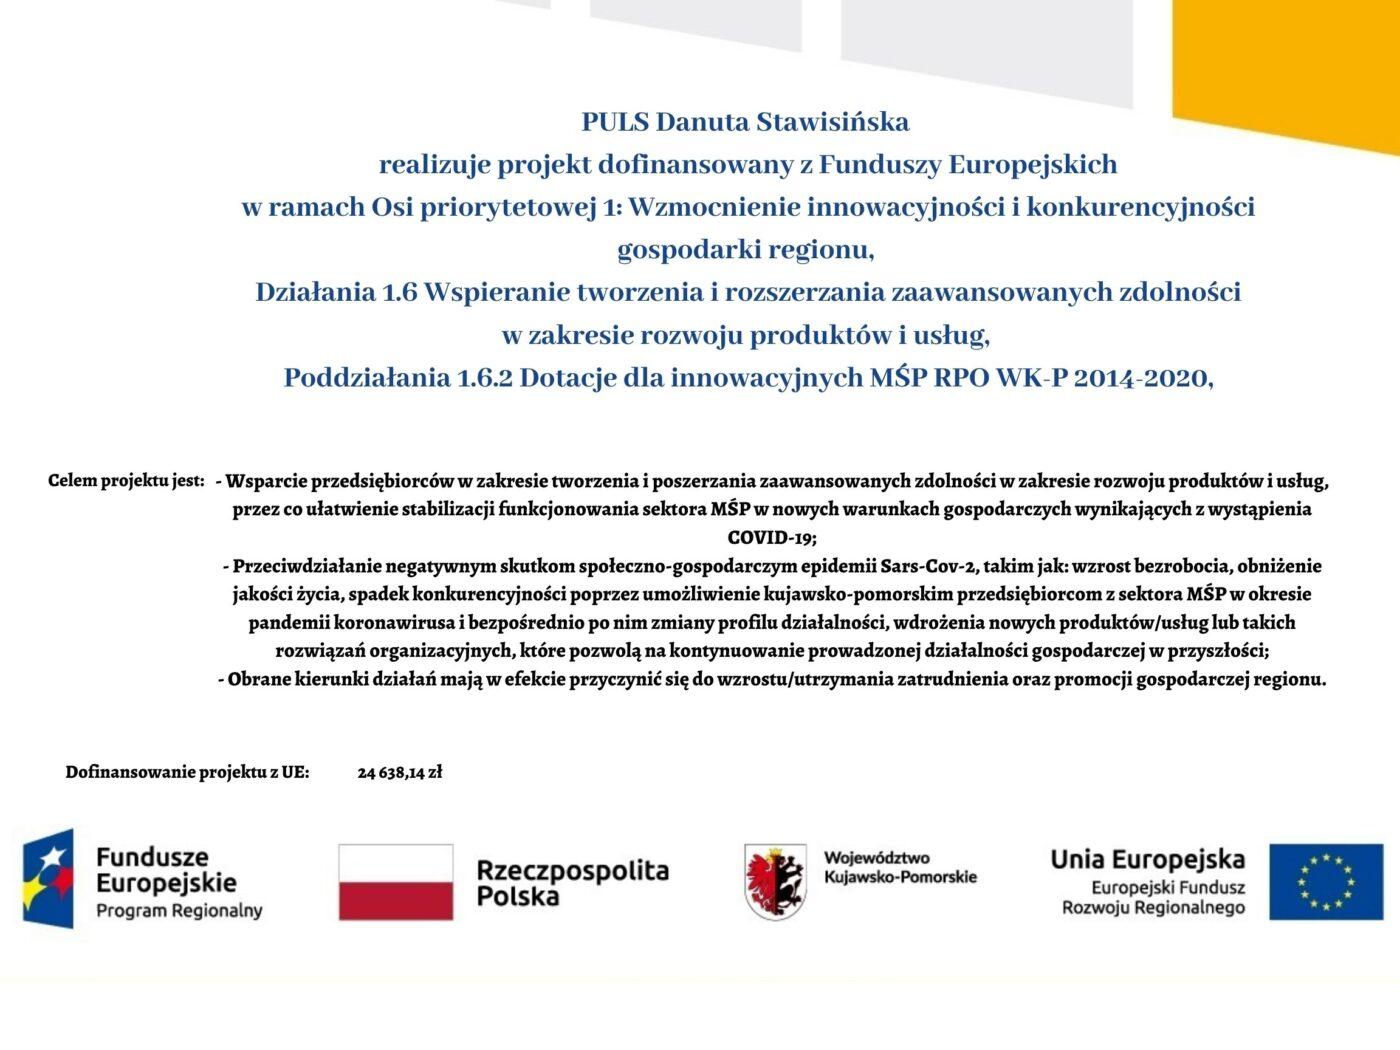 Puls Danuta Stawisińska realizuje projekt dofinansowany z Funduszy Europejskich